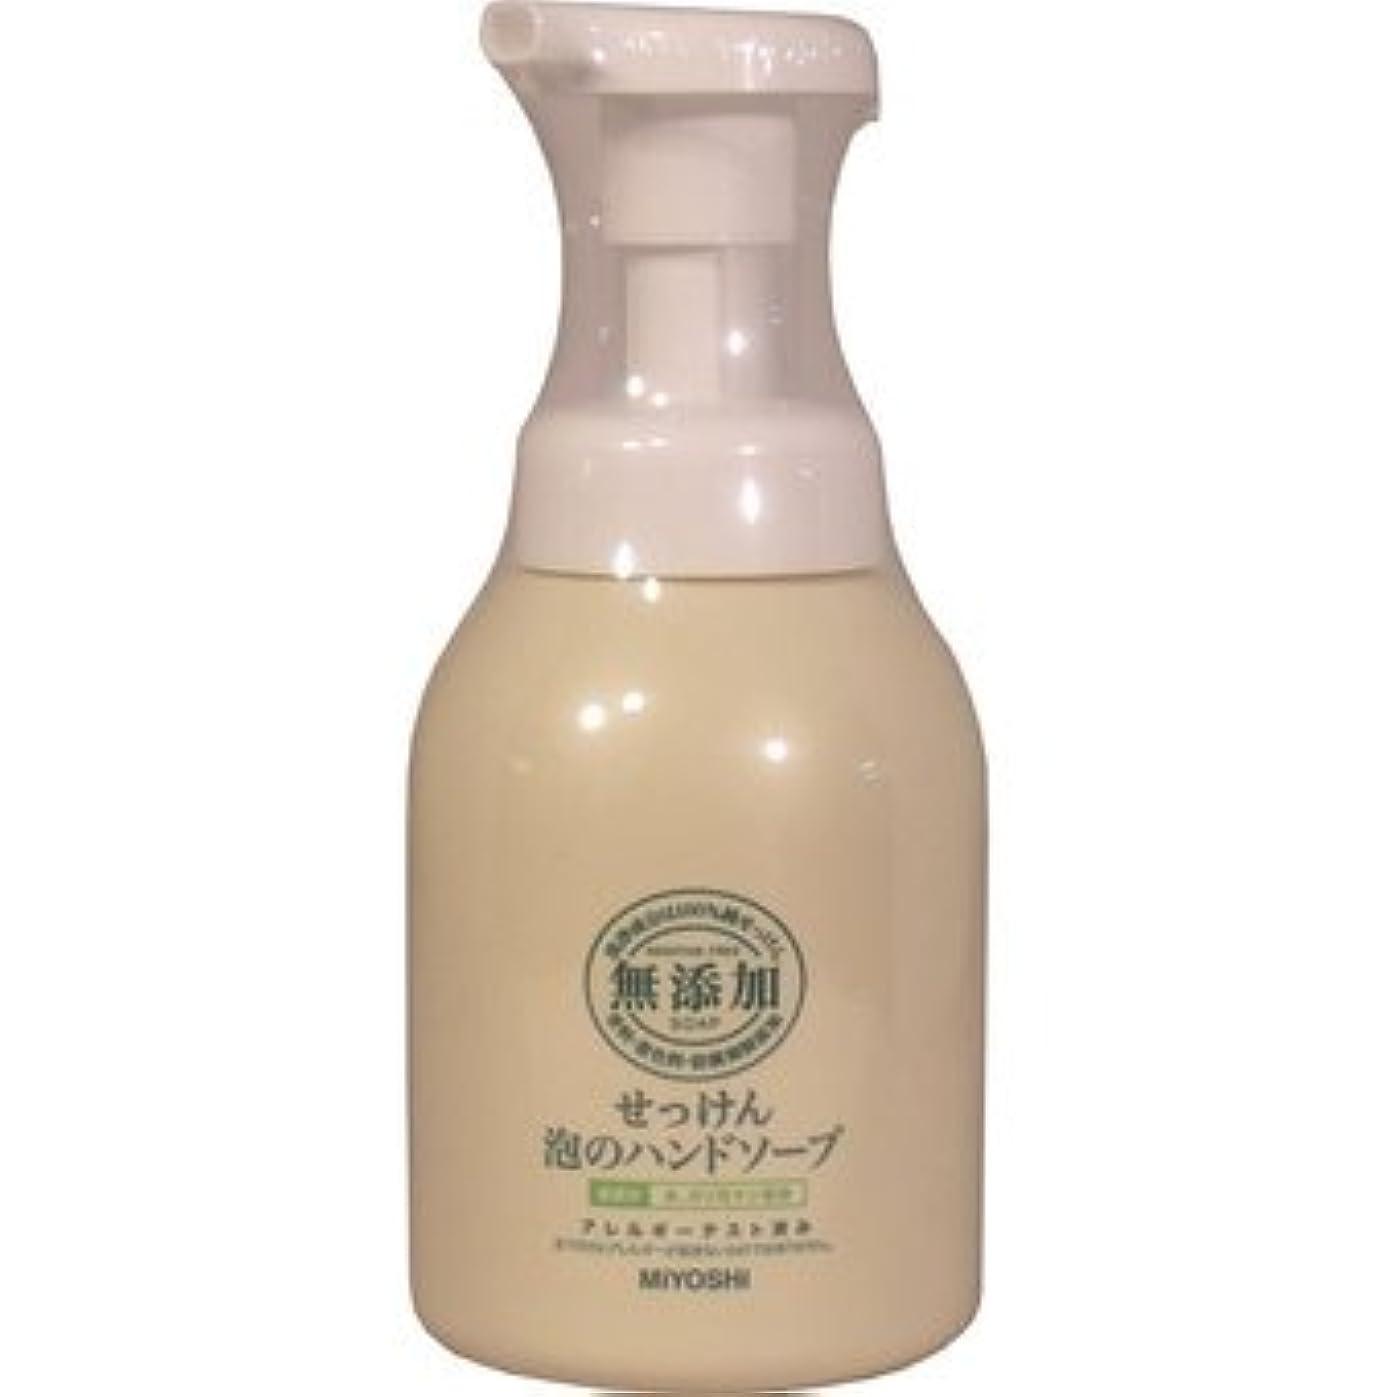 塗抹動物落胆したミヨシ石鹸 無添加 せっけん 泡のハンドソープ 250ml(無添加石鹸)×24点セット (4537130100677)